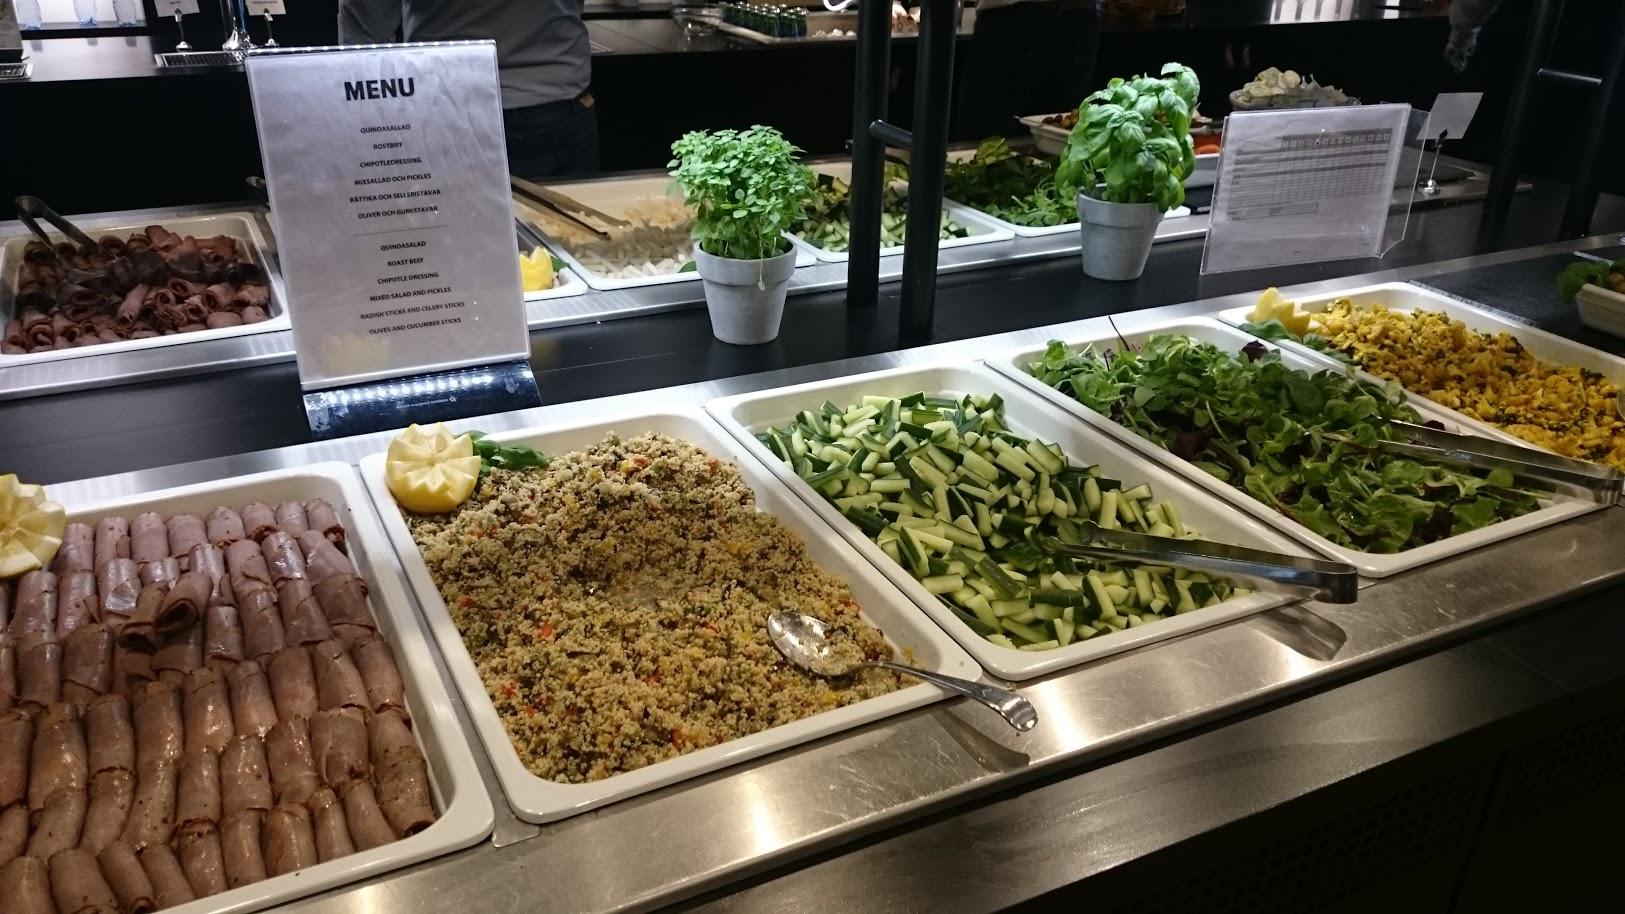 SAS lounge Tukholma ruoka lentokenttä lounge priority pass diners club